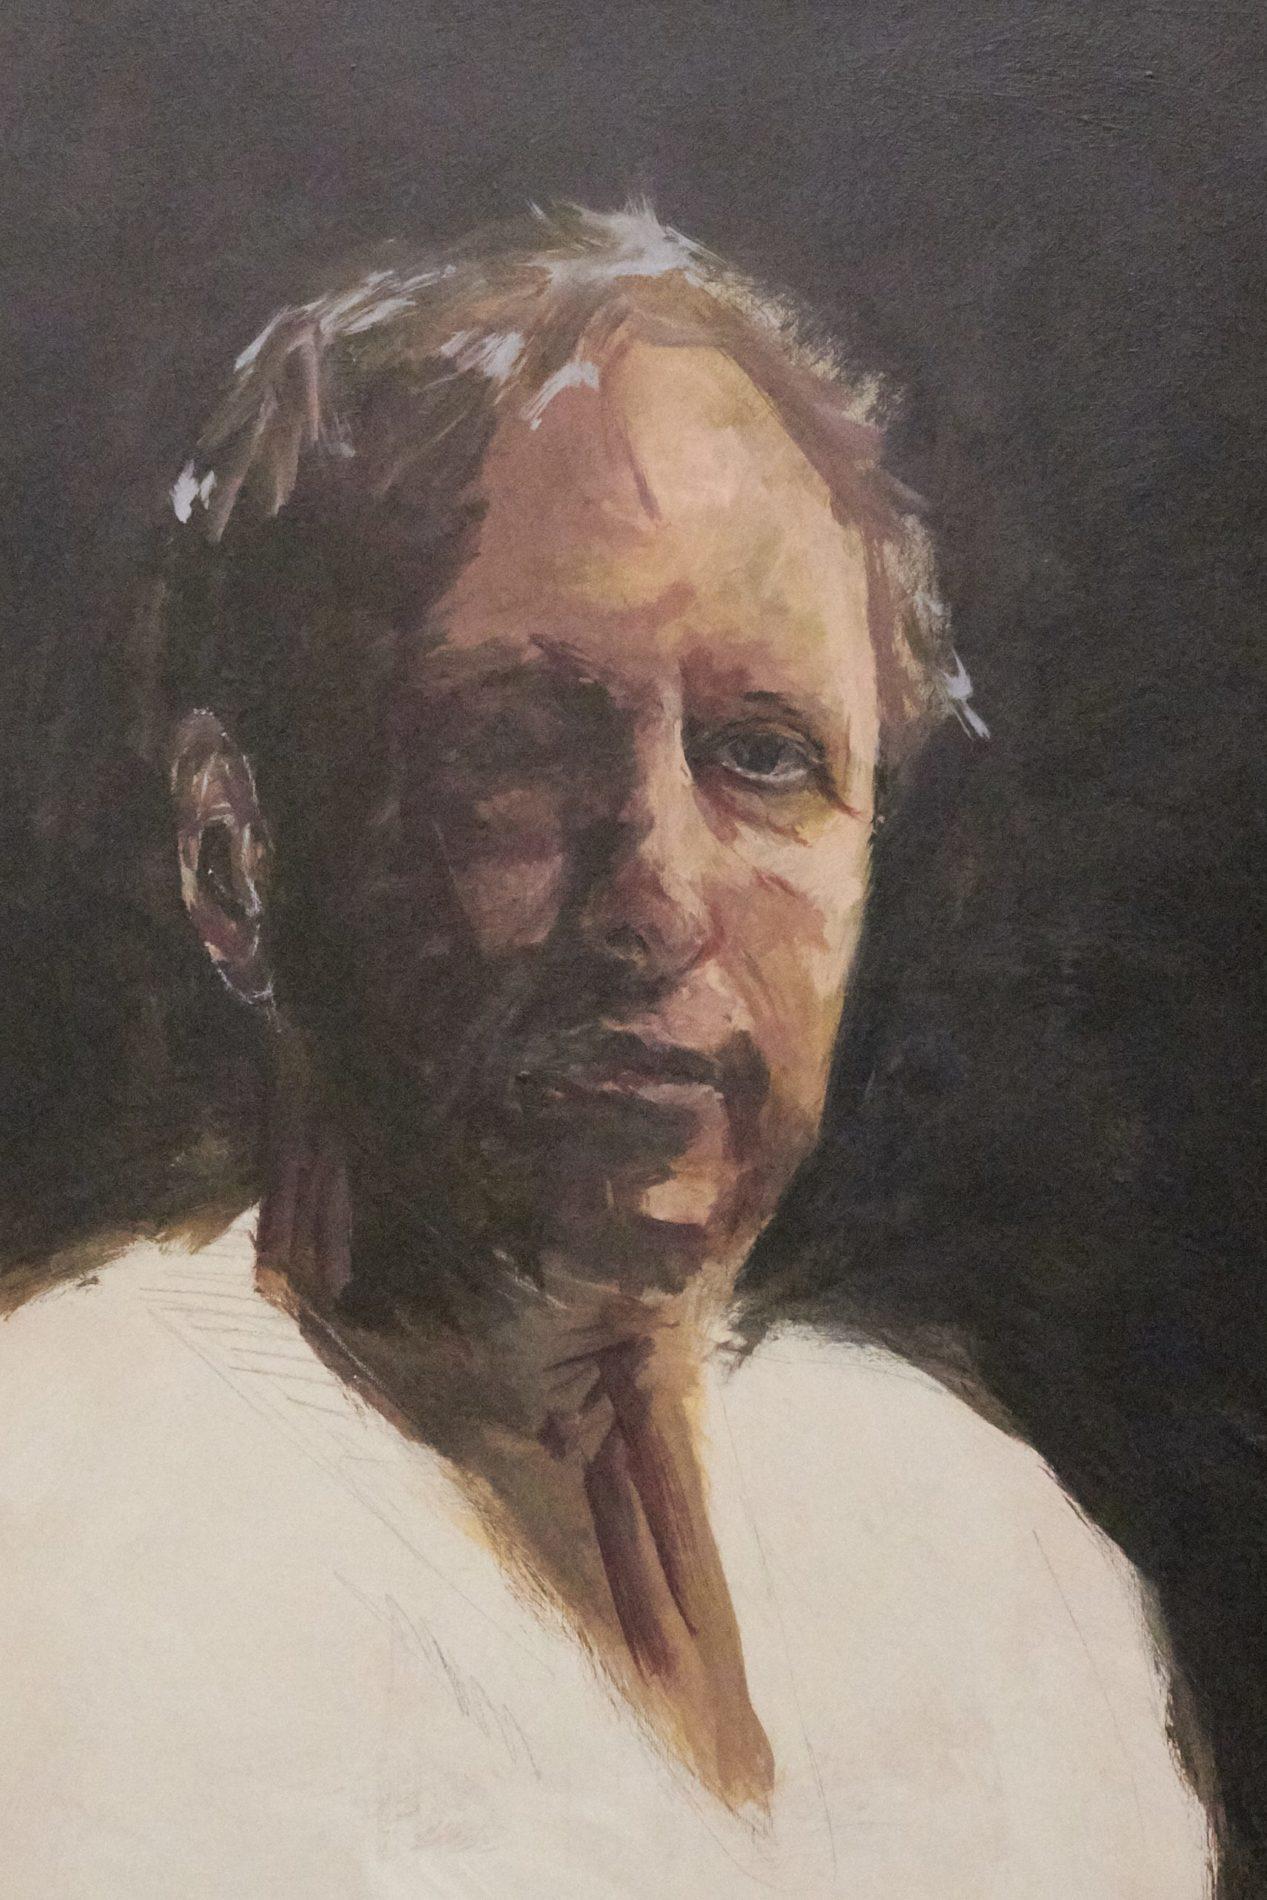 Jeroen Self Portrait - Process-7. ©Jeroen Carelse